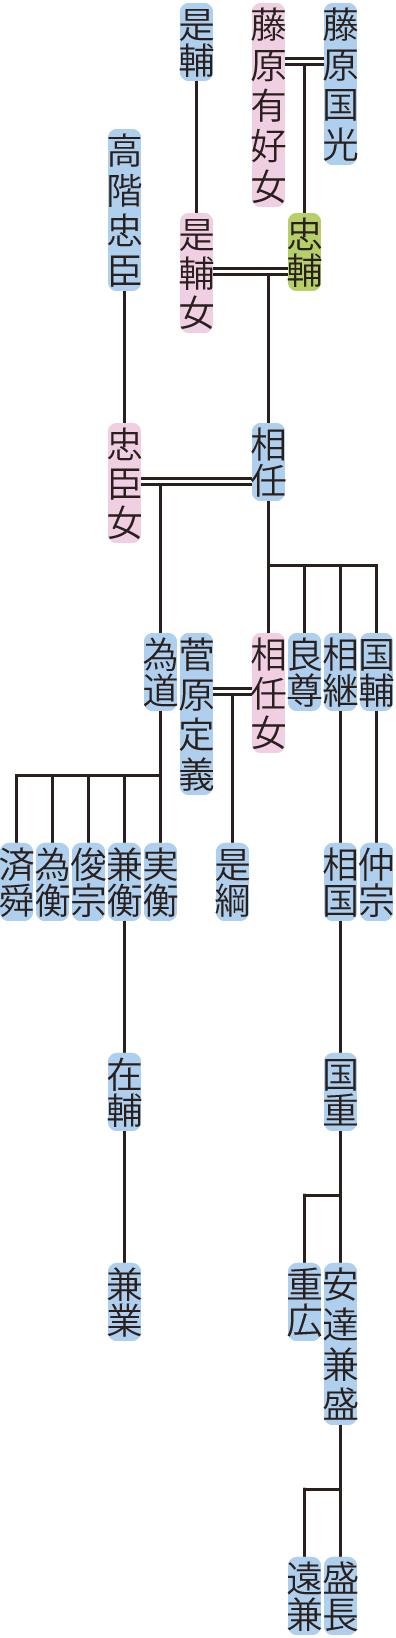 藤原相任~国重の系図